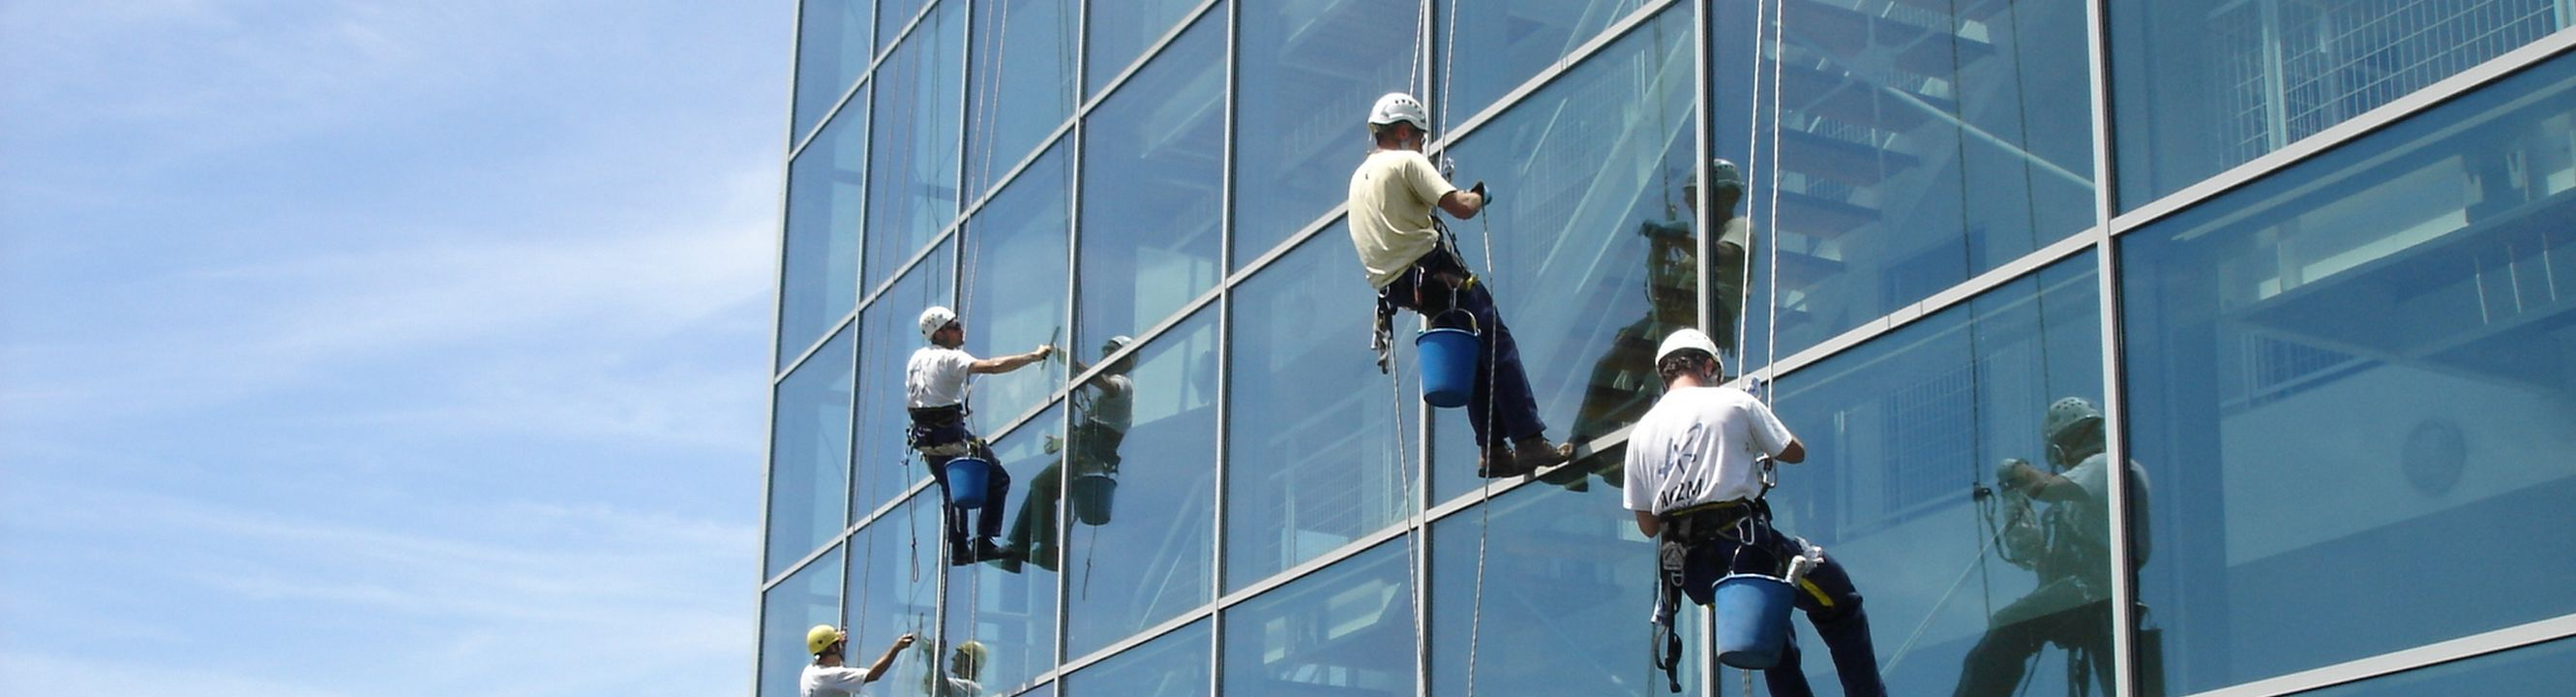 technicien cordiste urbain lavage de vitre travaux de petite maçonnerie nice 06